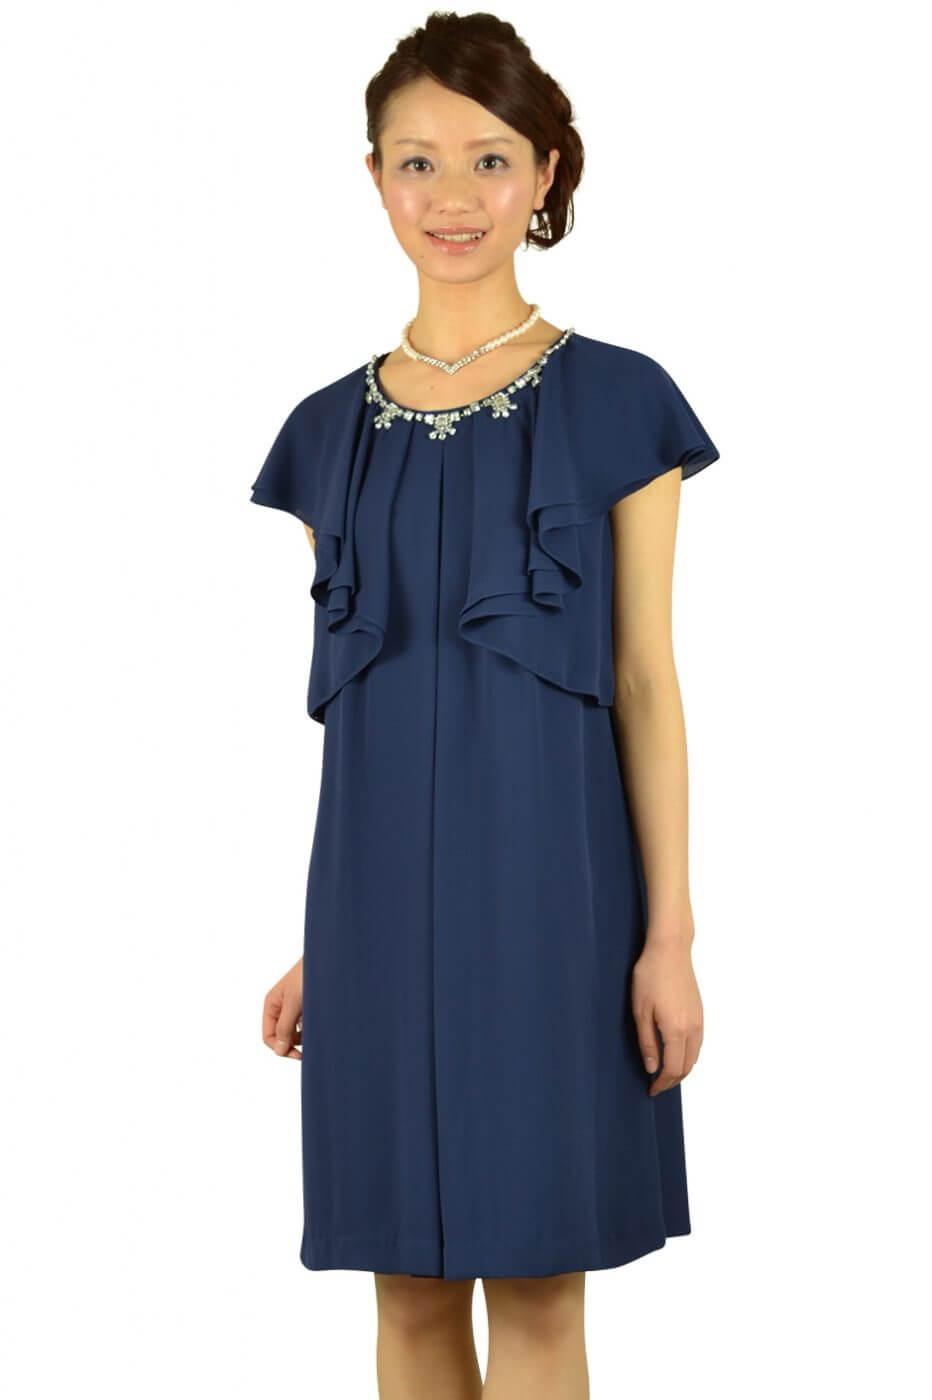 ペイトンプレイス(PEYTON PLACE)ネイビーラッフル袖ドレス